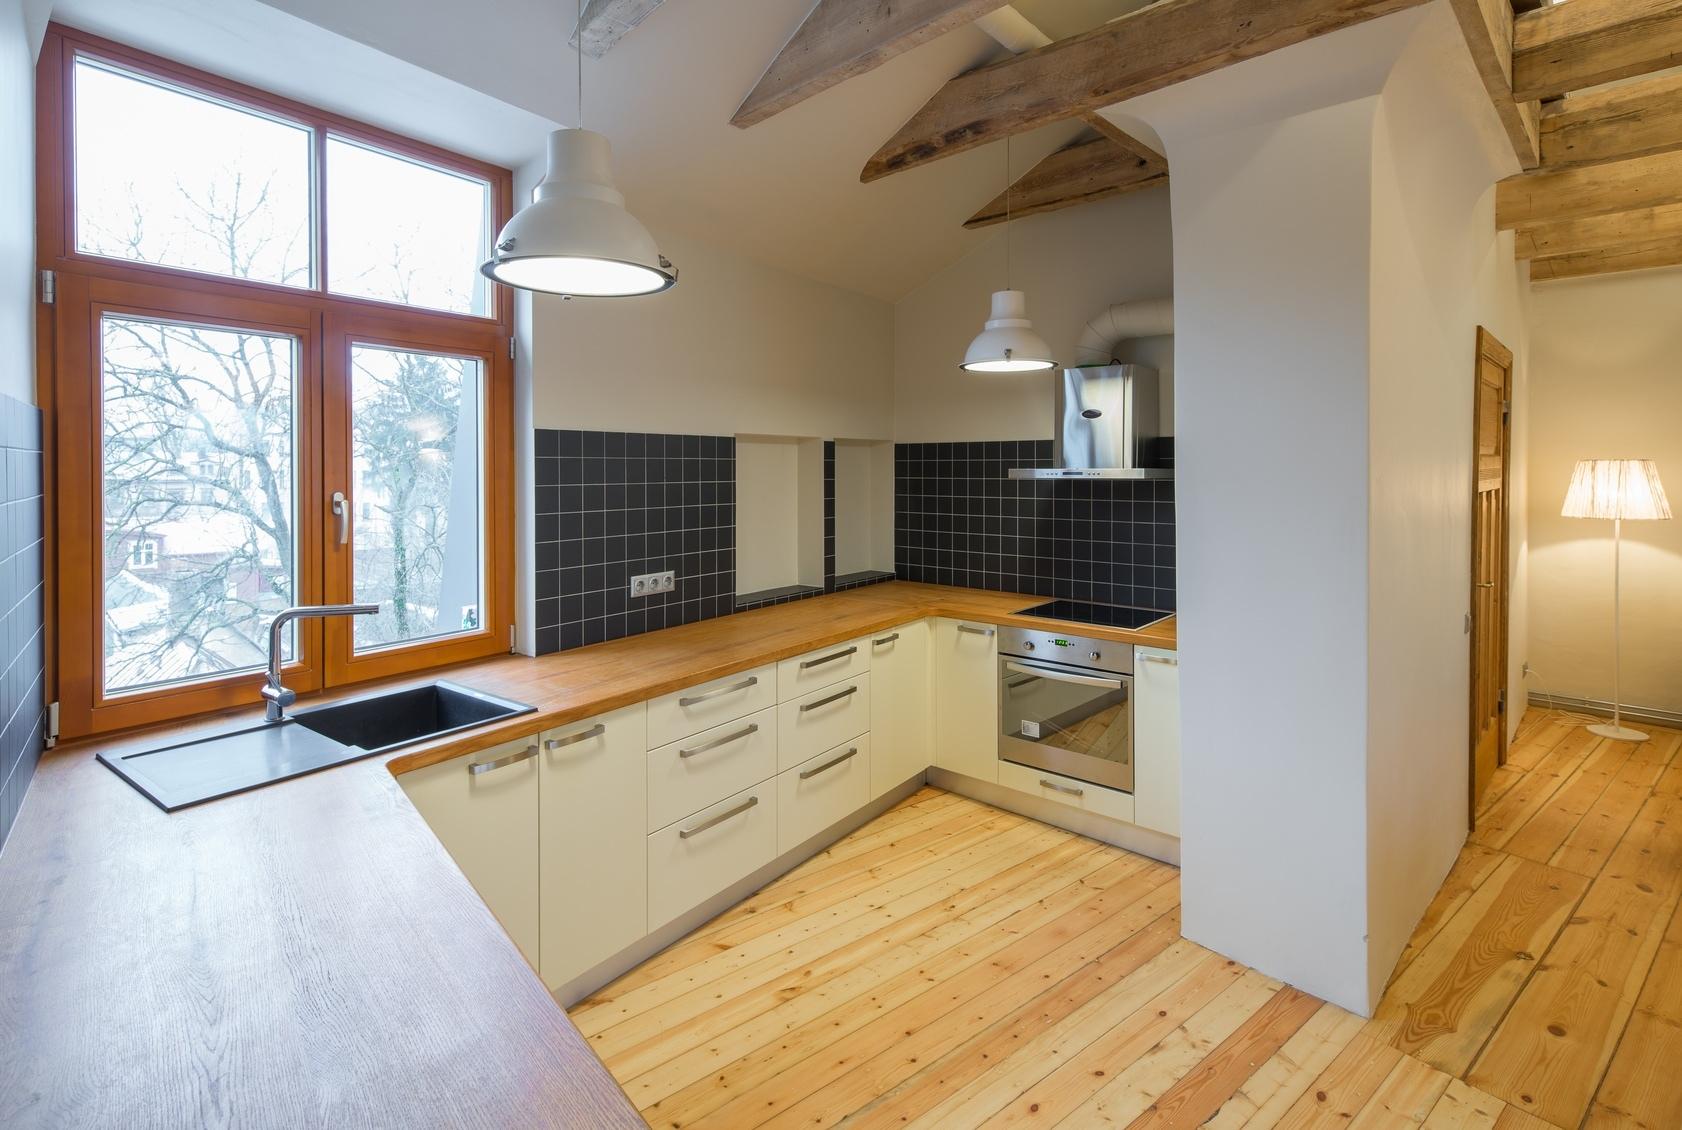 Dach umbauen gallery of ob oder leseecke vor der kommt erst die genehmigung denn gauben sind - Dachfenster einbauen genehmigung ...